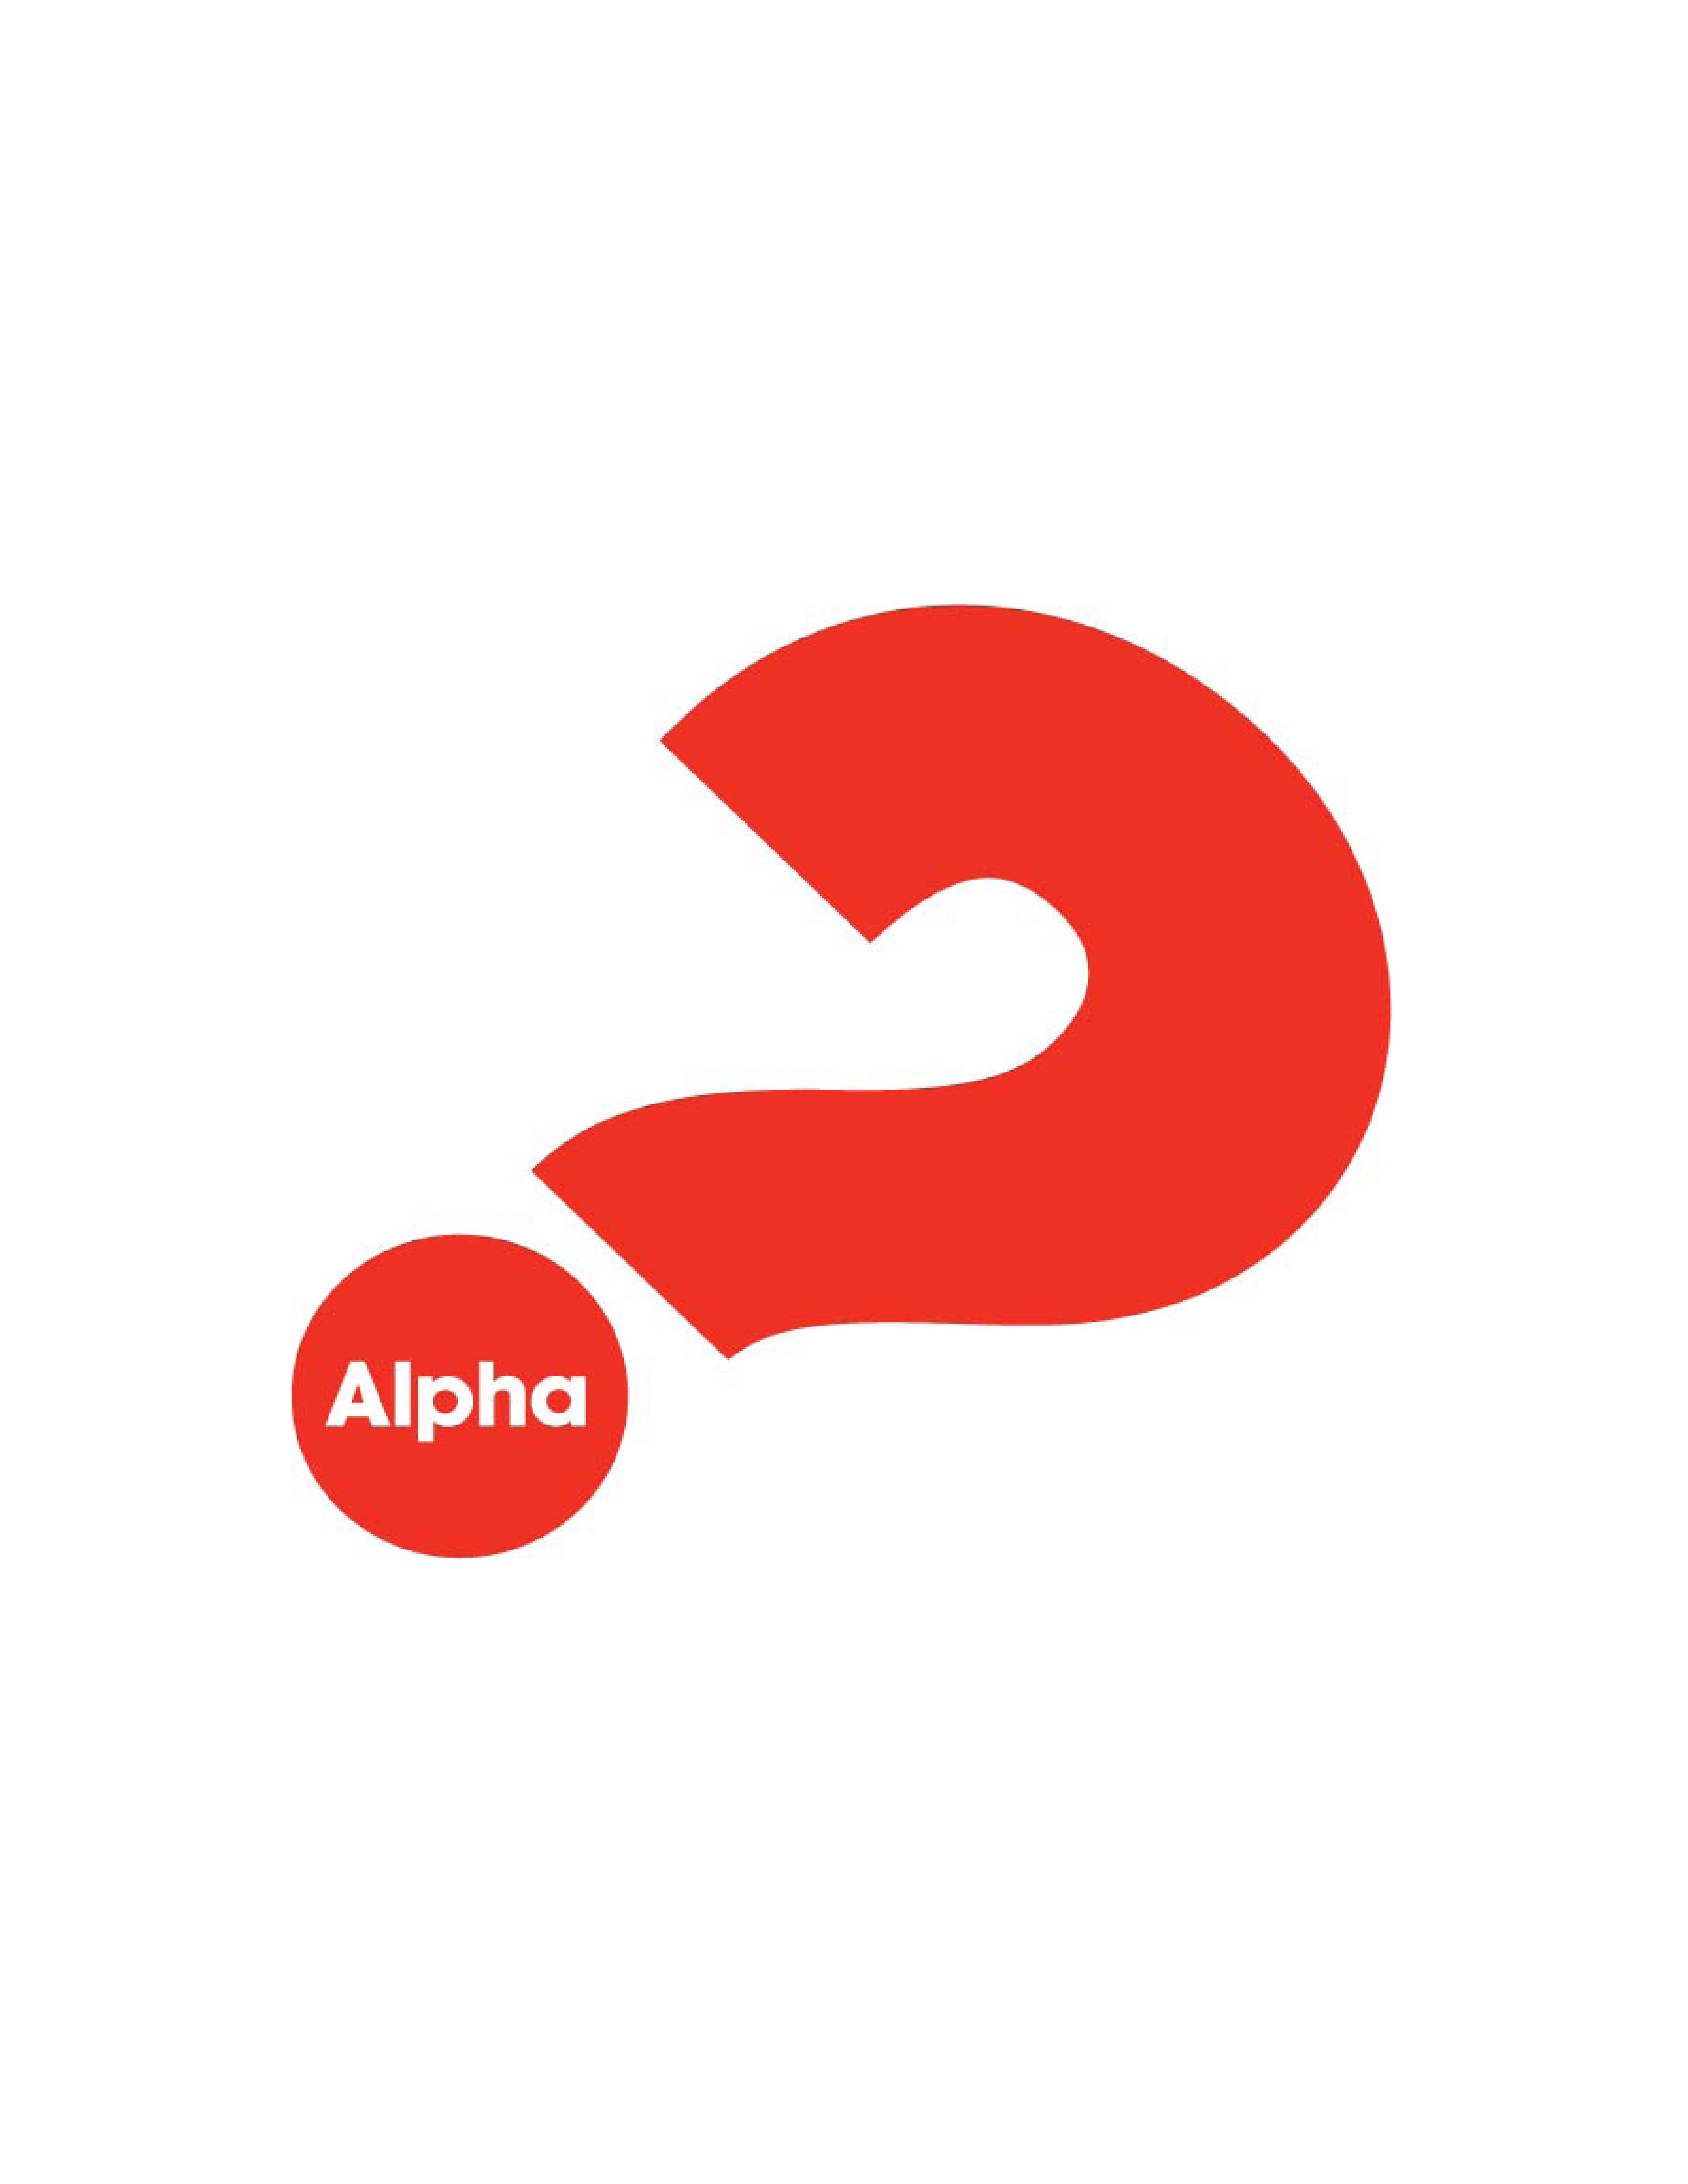 Alpha logo 3